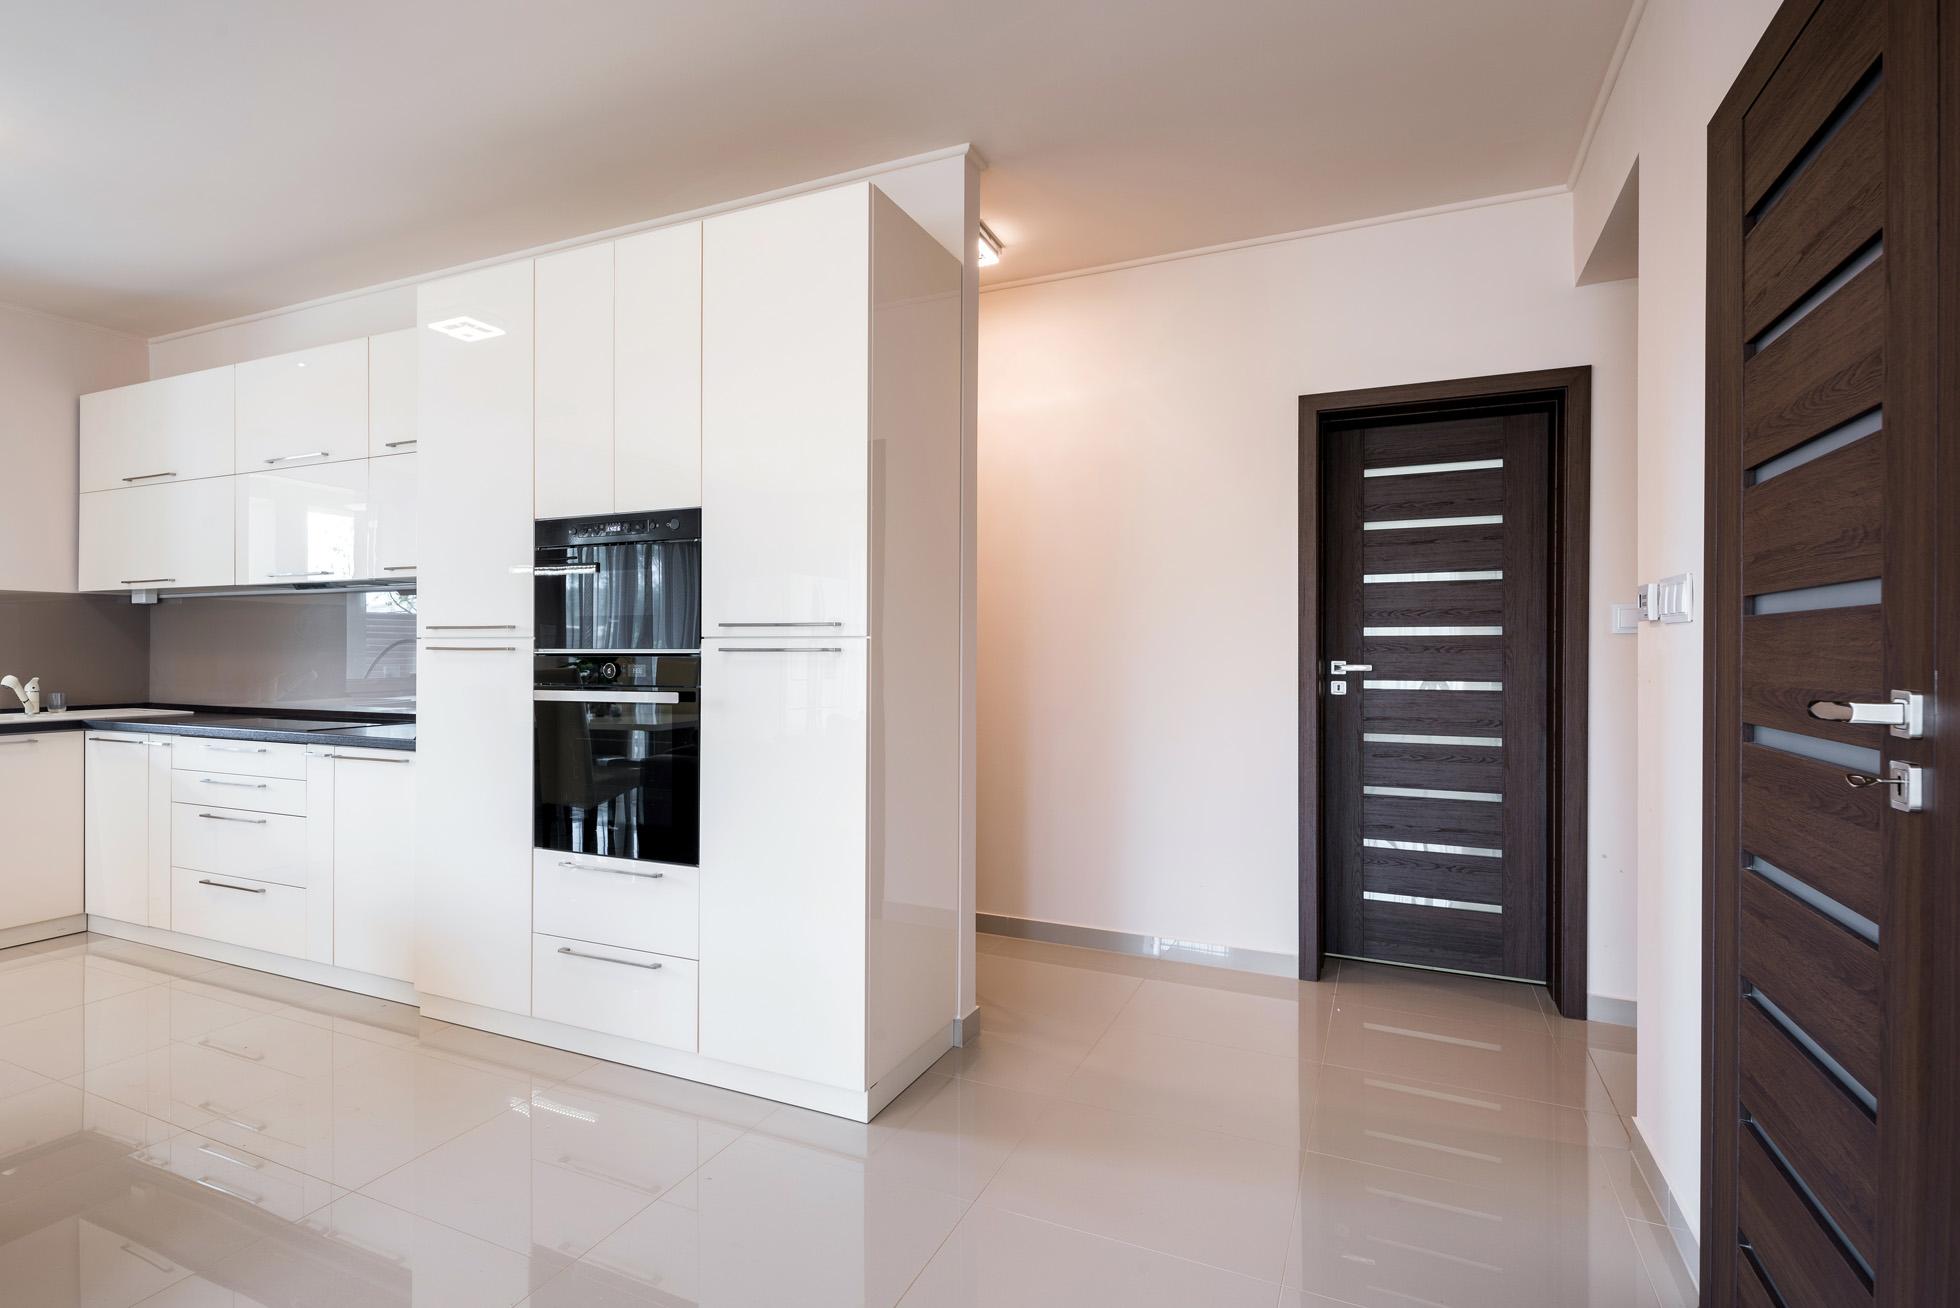 kényelmes otthon, konyha, enteriőr